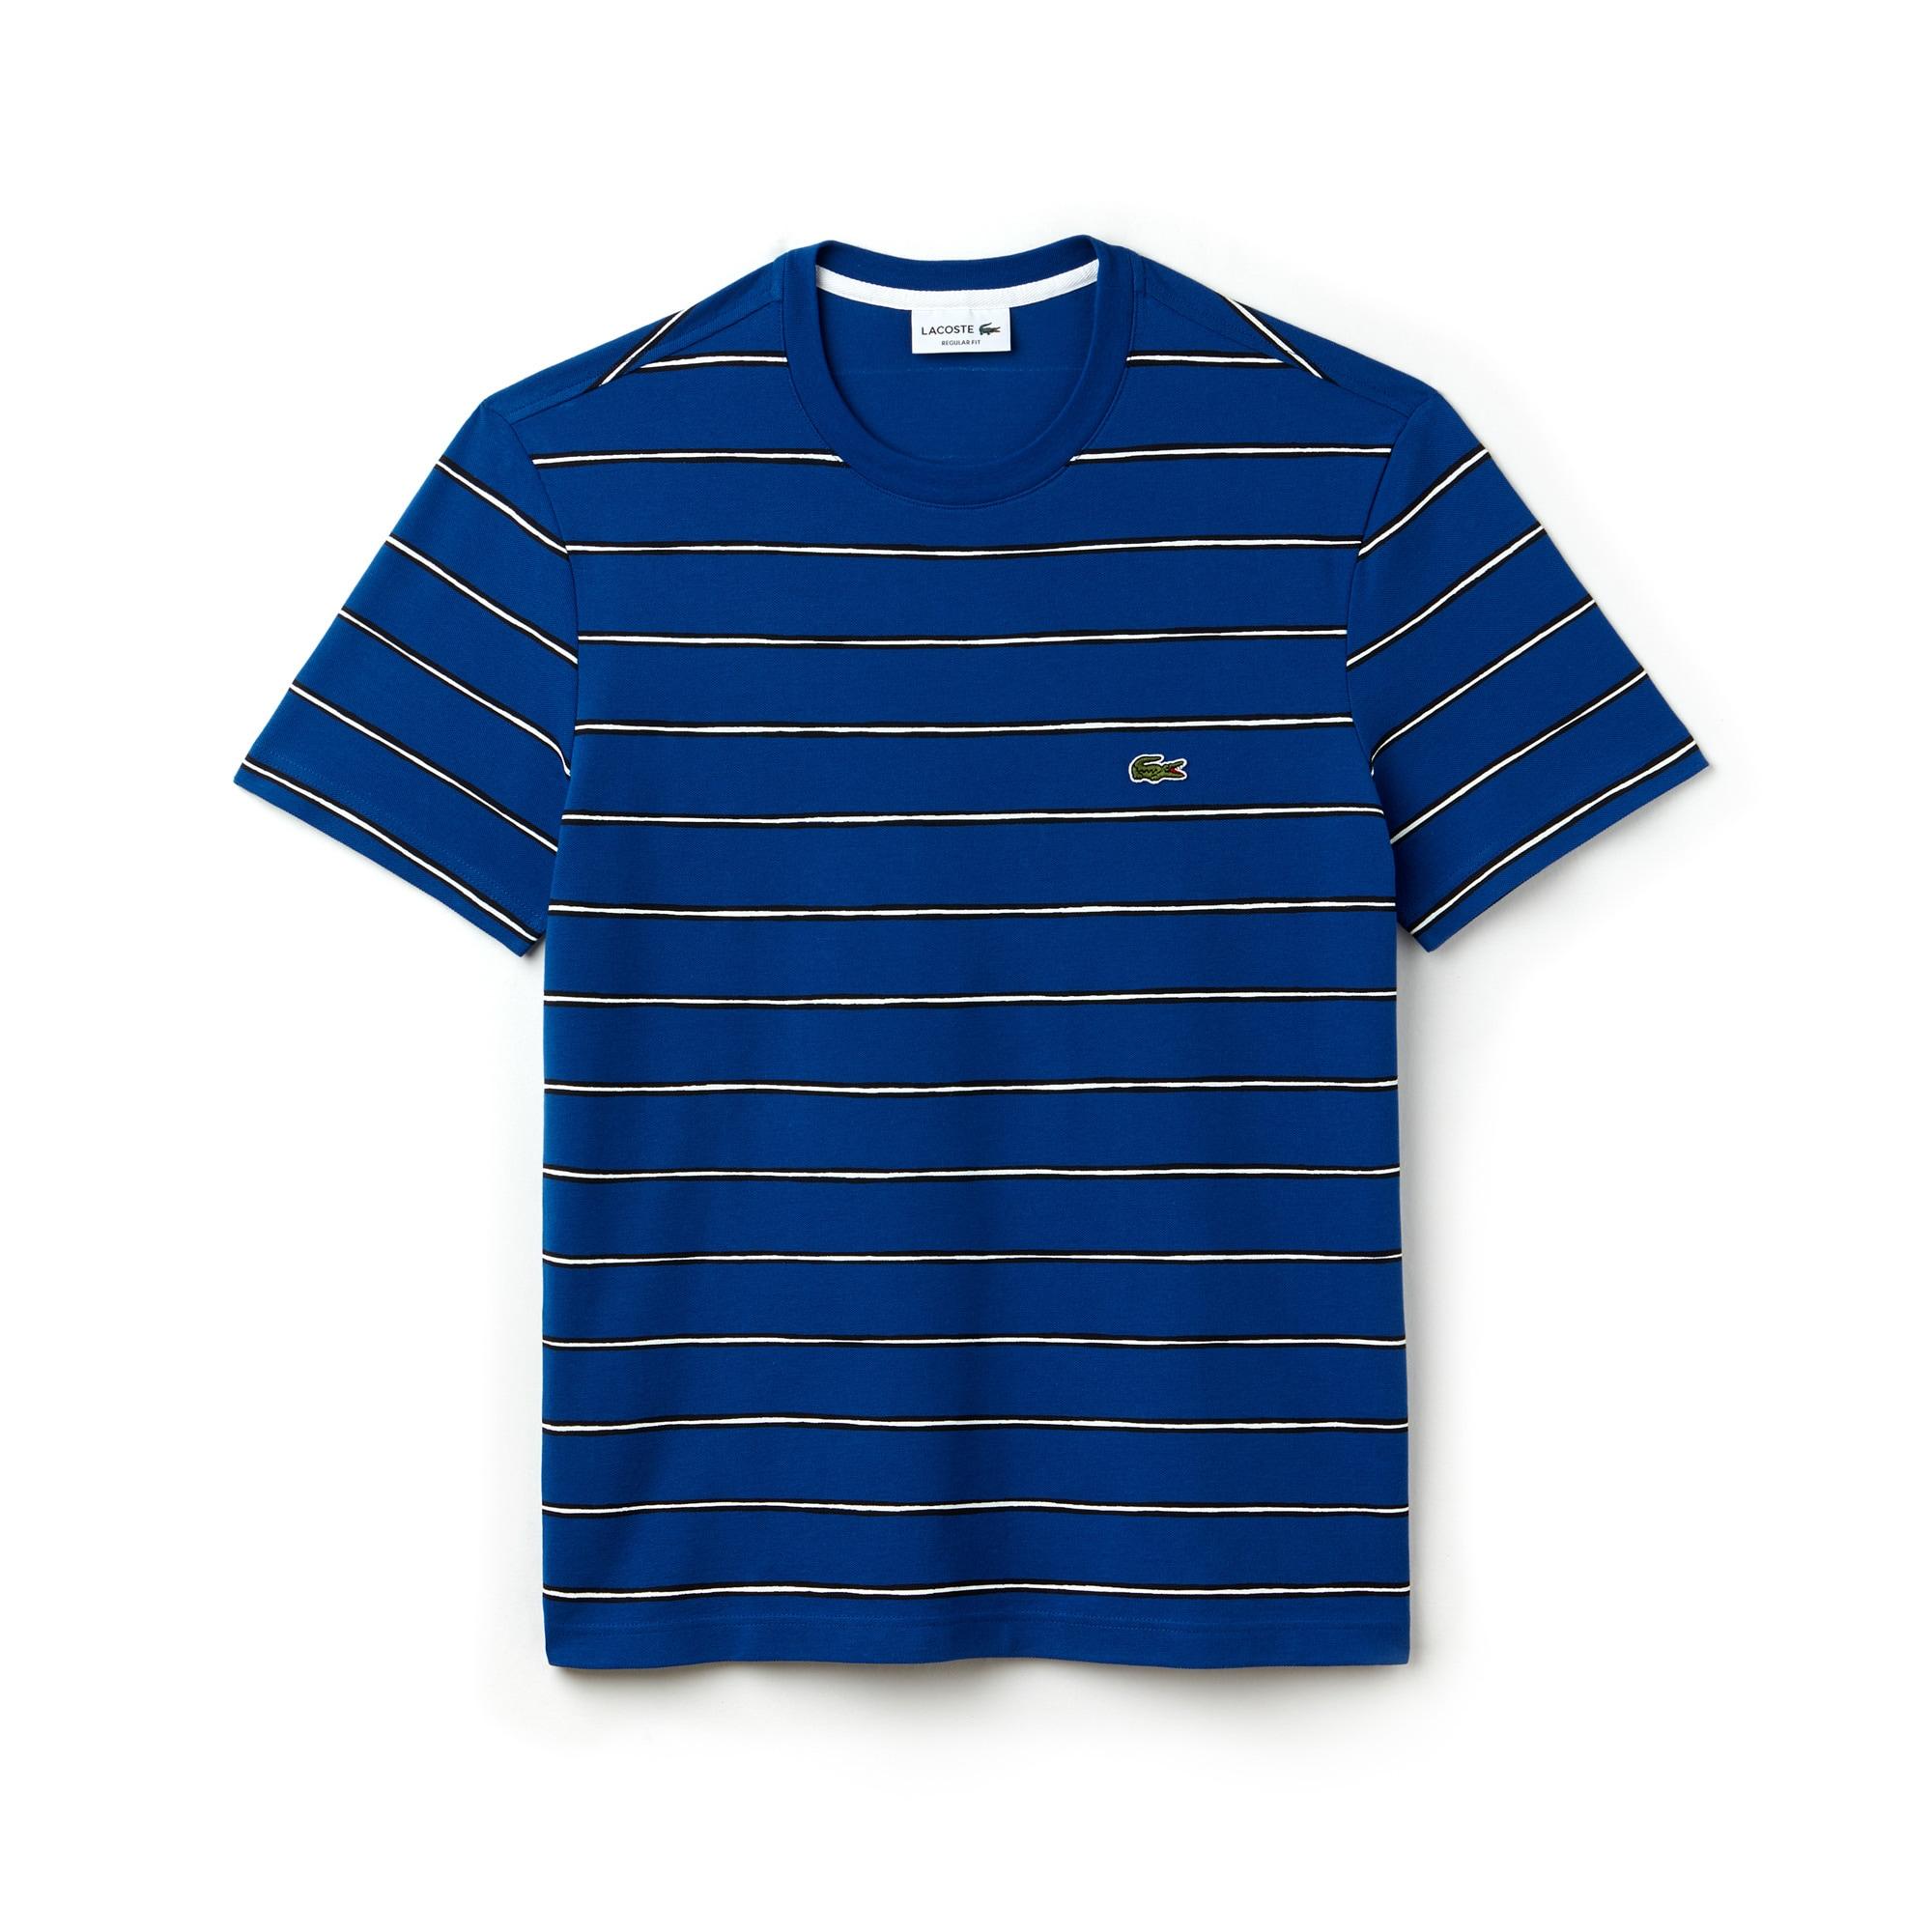 Men's Crew Neck Striped Print Cotton Mini Piqué T-shirt